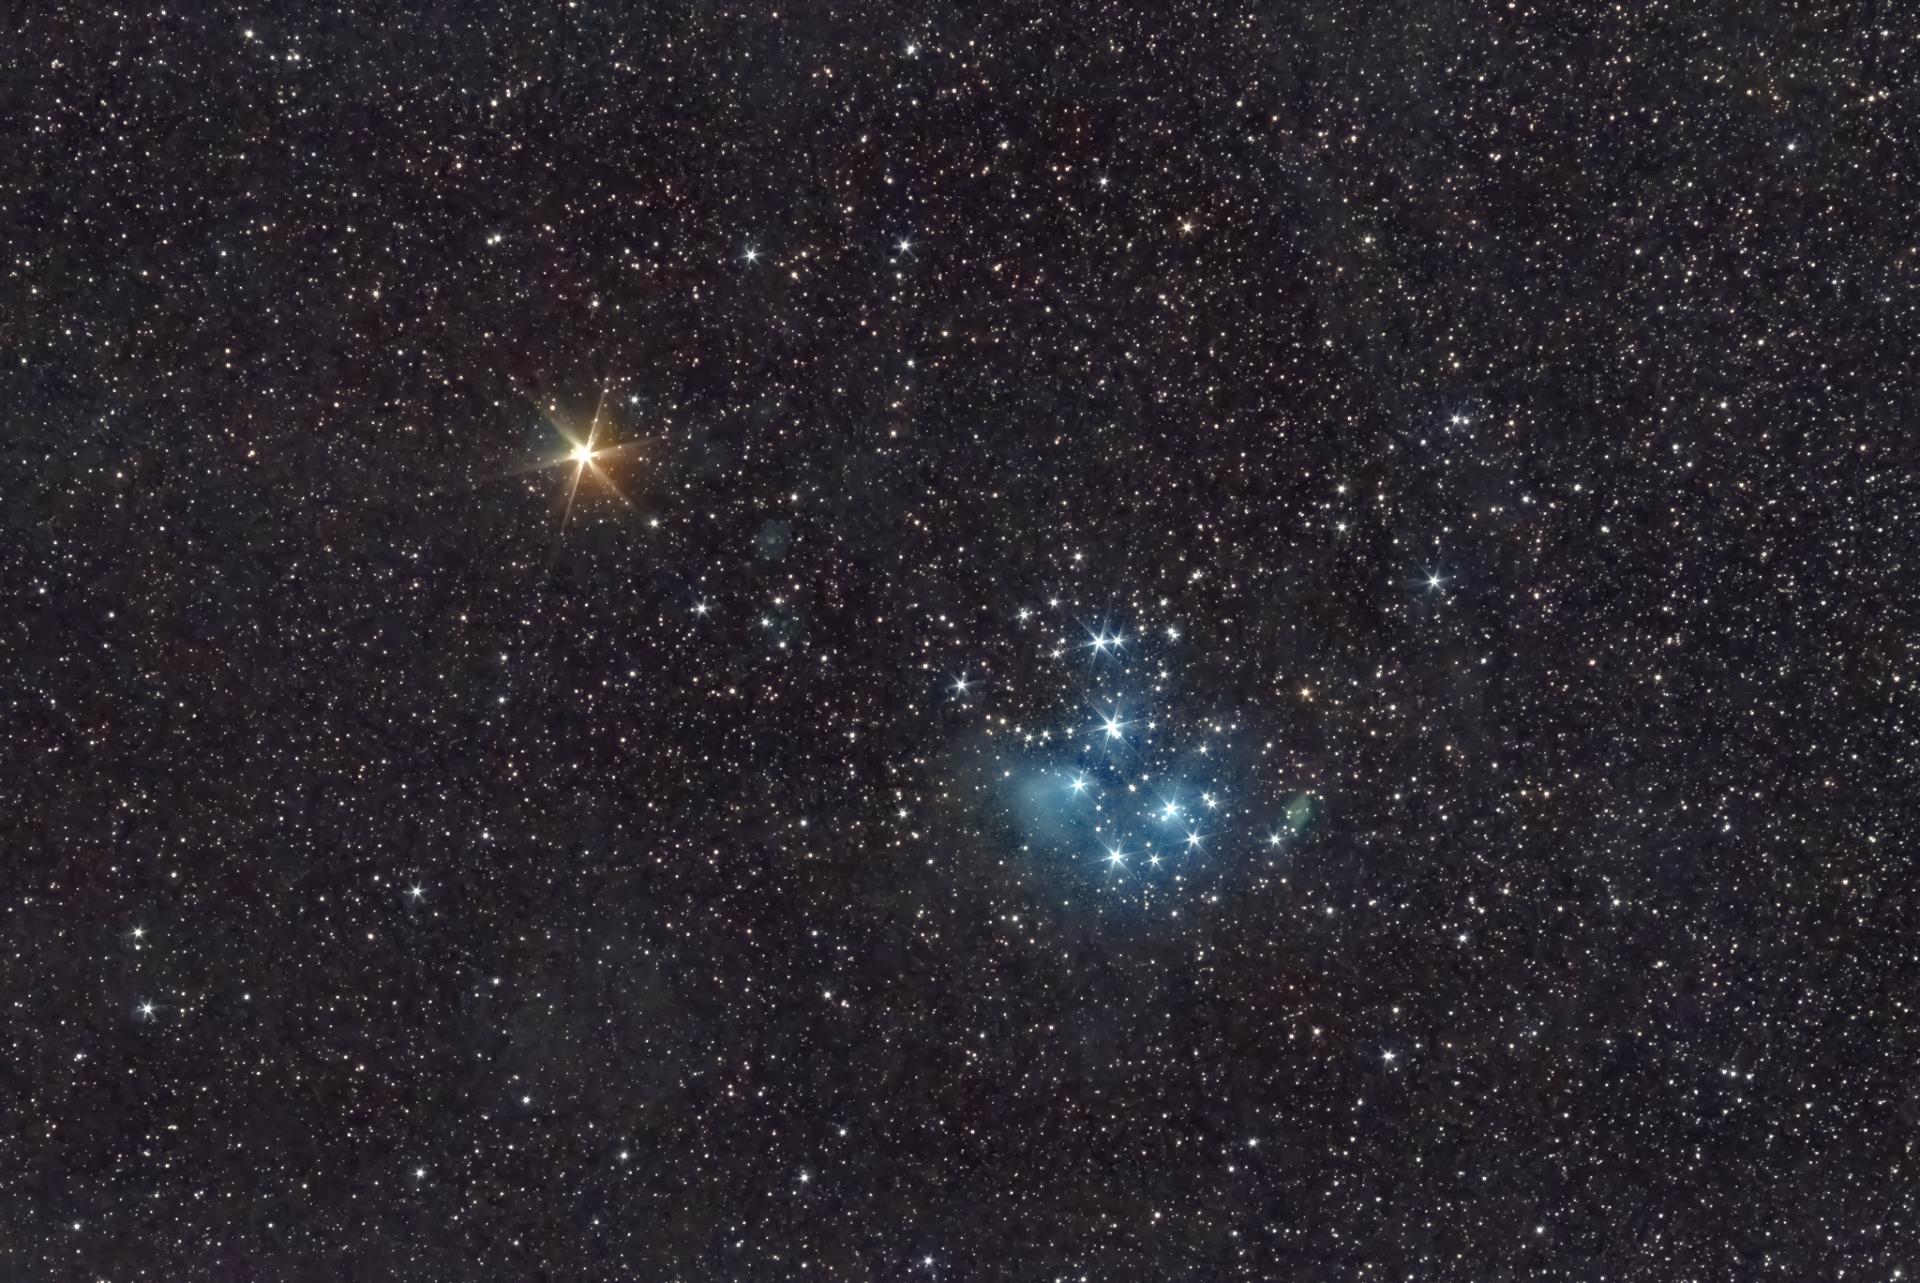 Plejaden_Mars_-St-denoise-low-light-PS-AI-PS.png